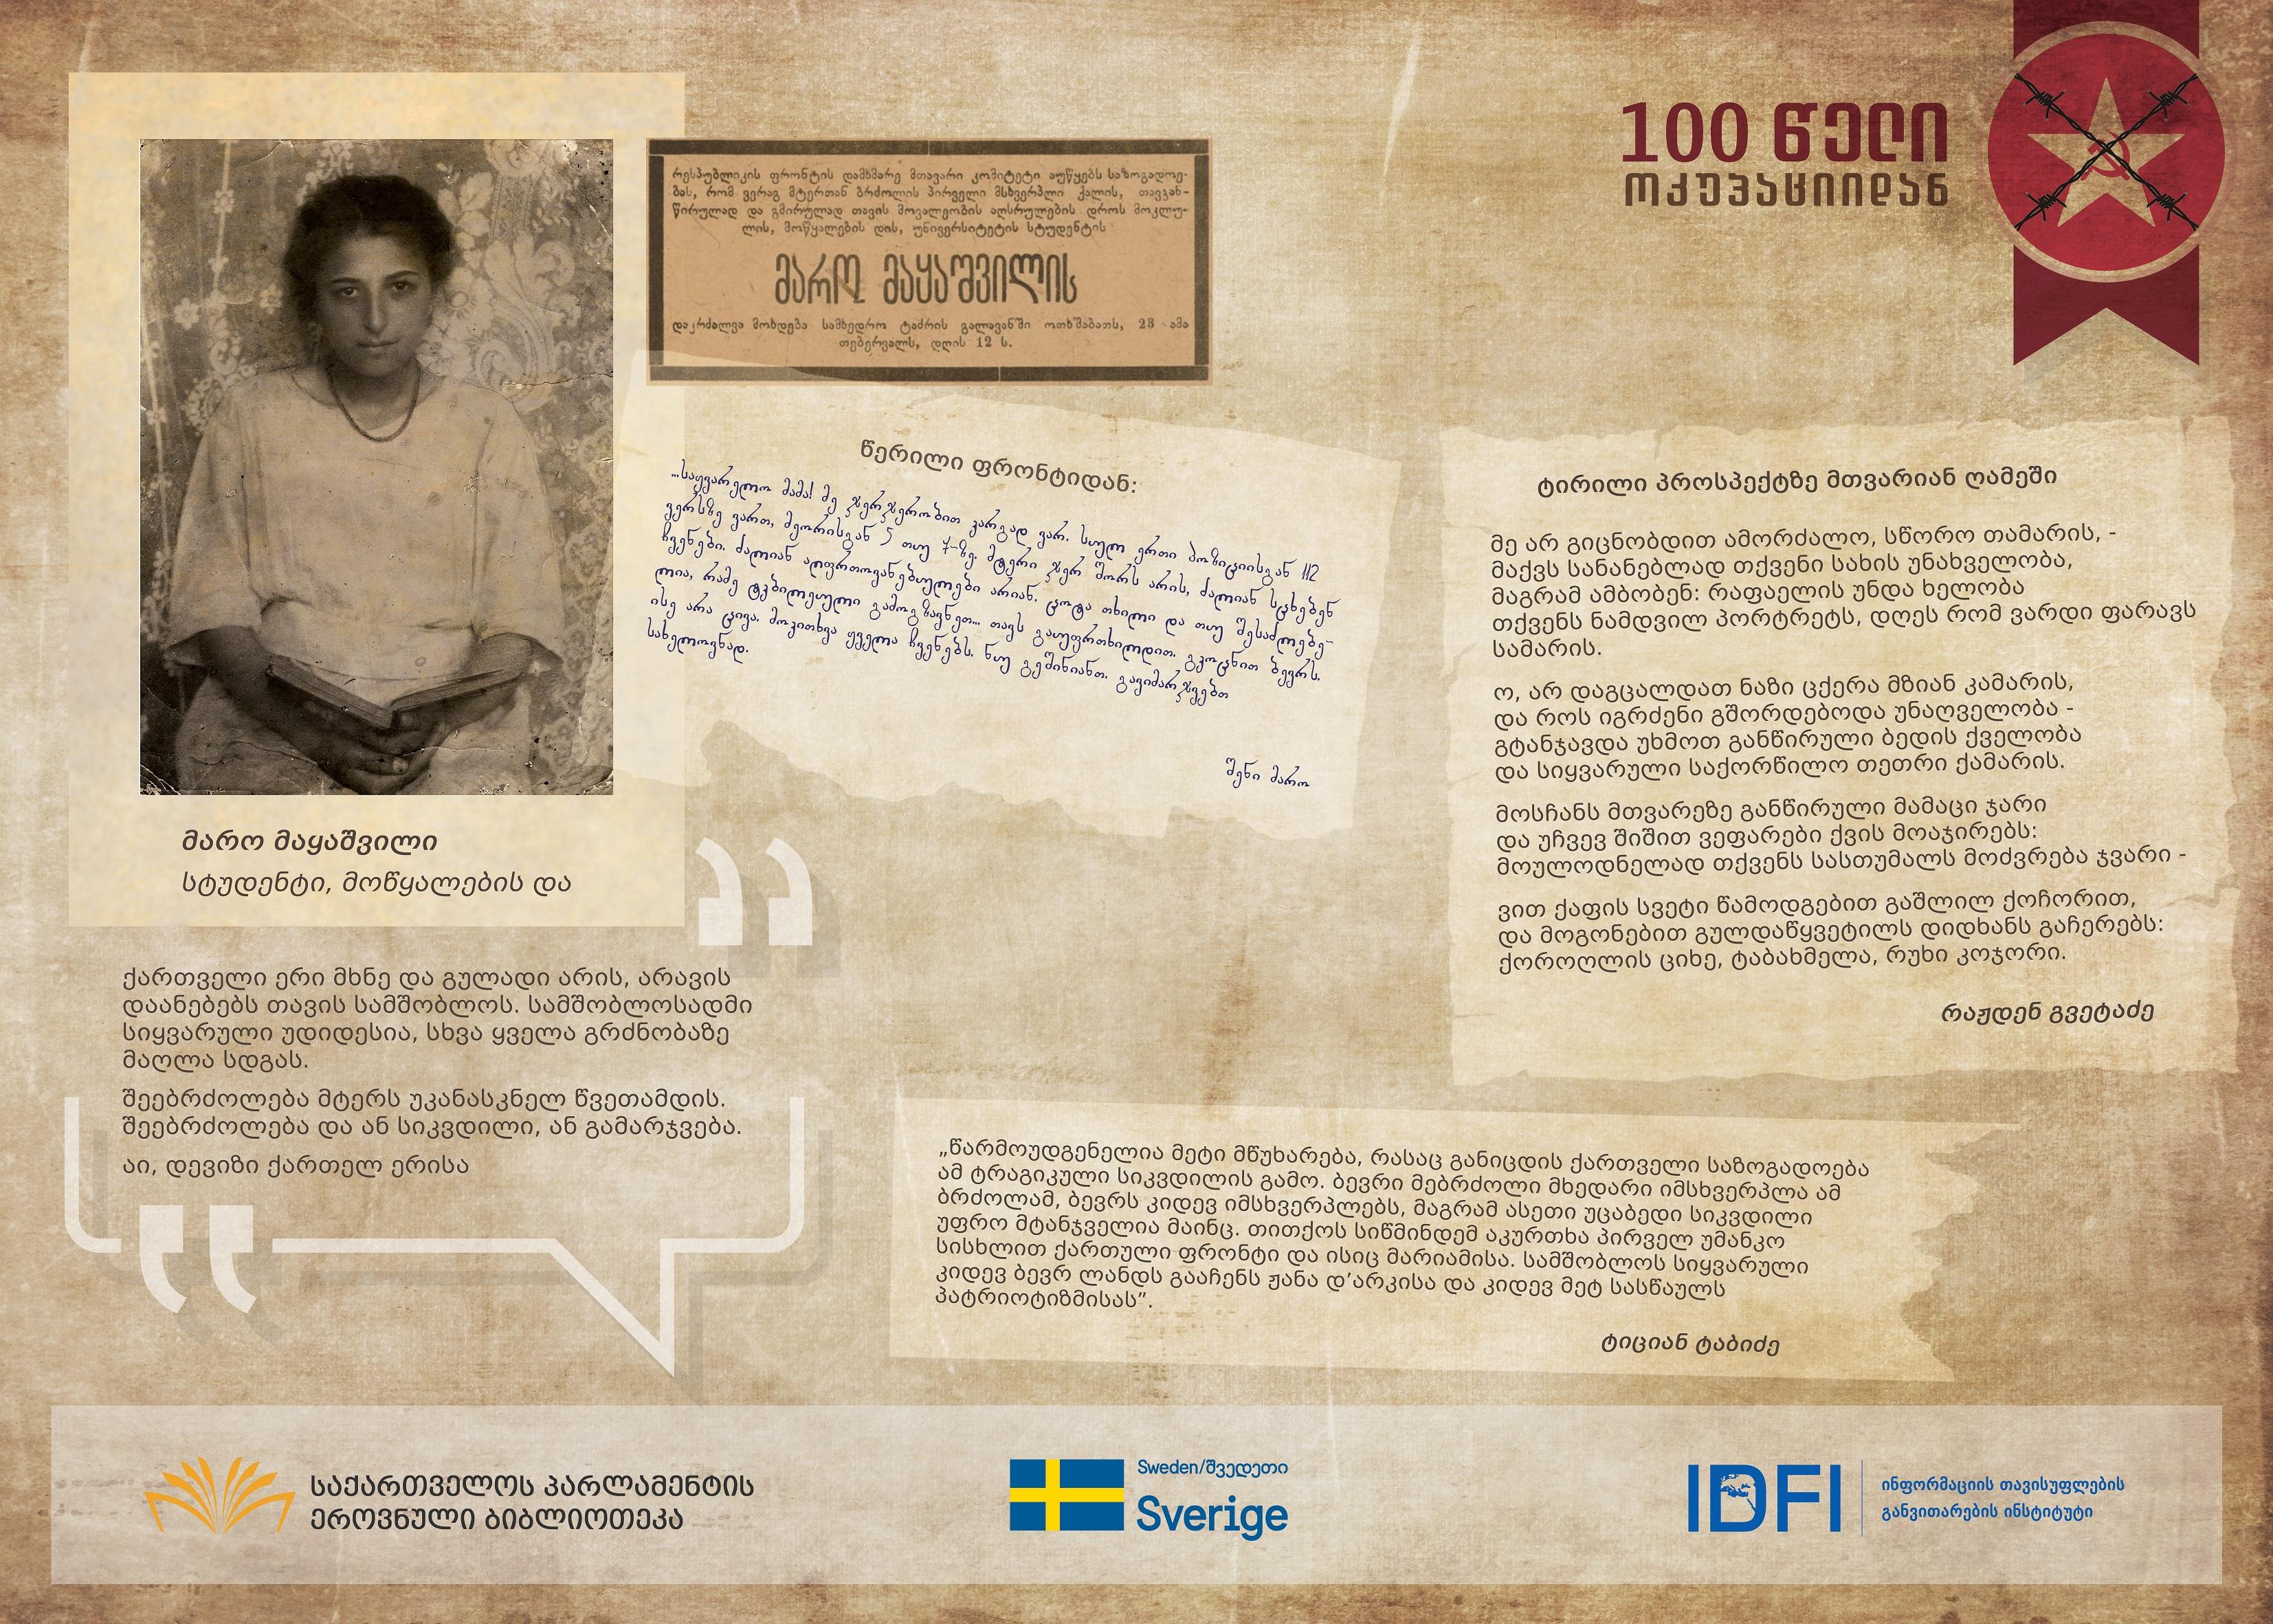 IDFI-ის საბჭოთა ოკუპაციის 100 წლისთავისადმი მიძღვნილი აქტივობები